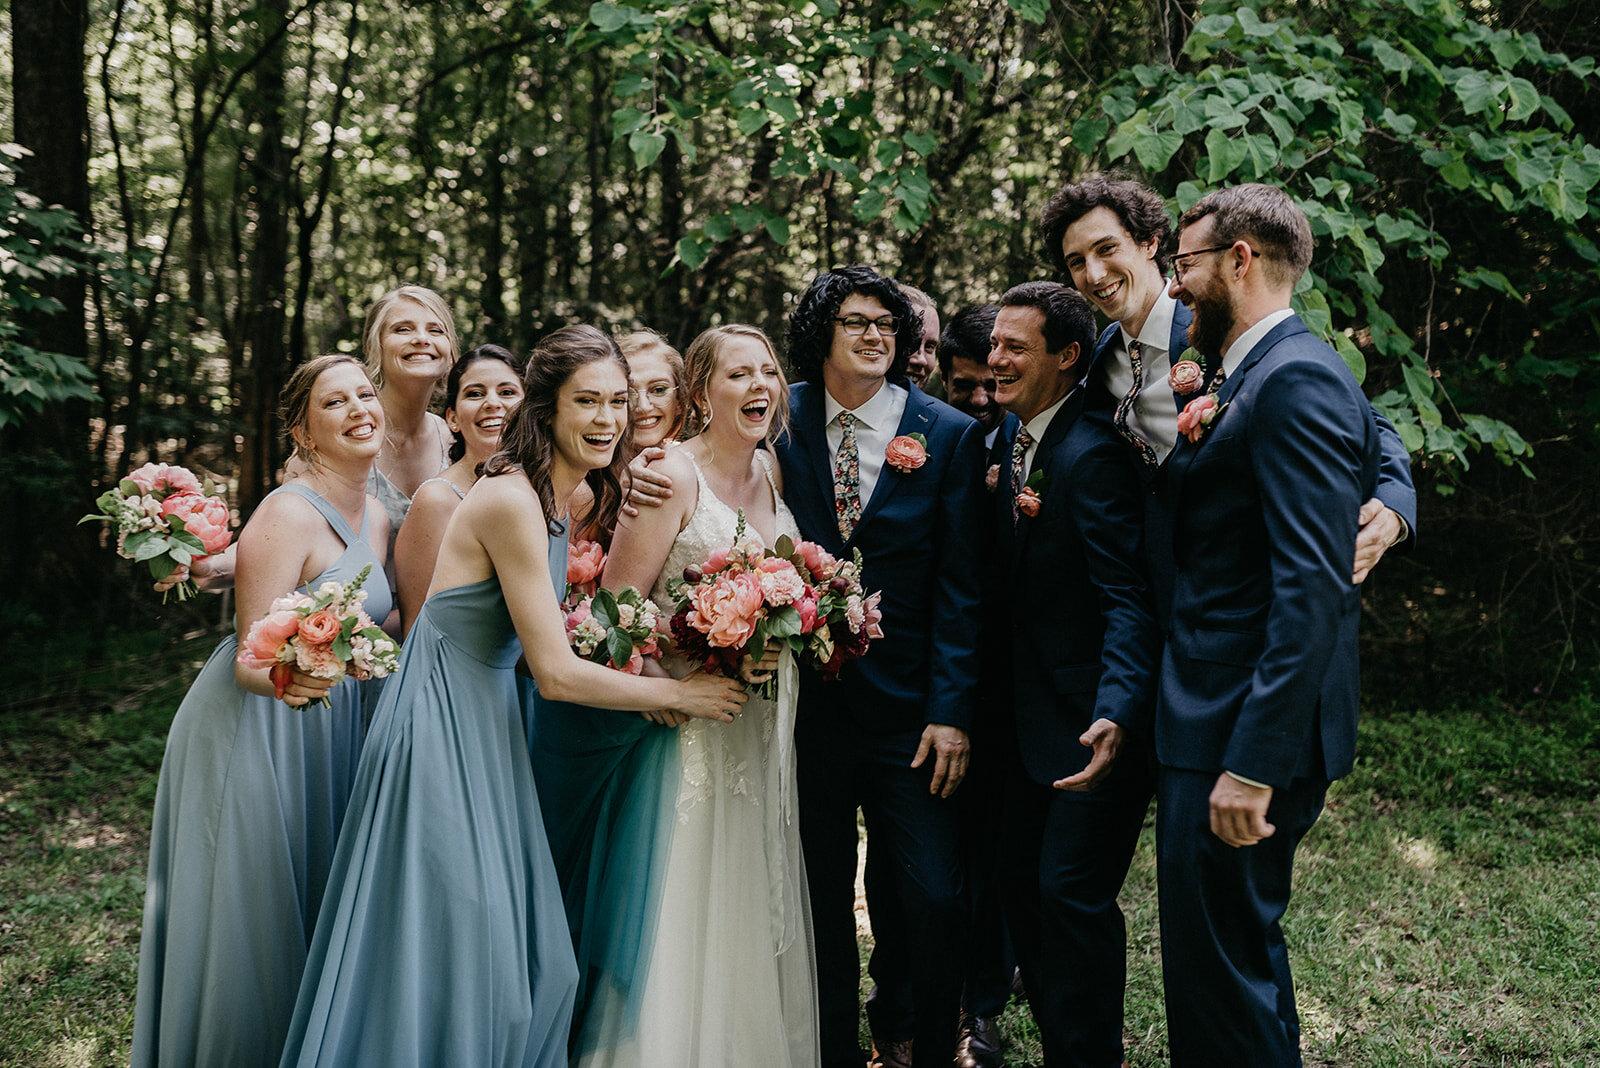 SaraKenny-Wedding-176.jpg